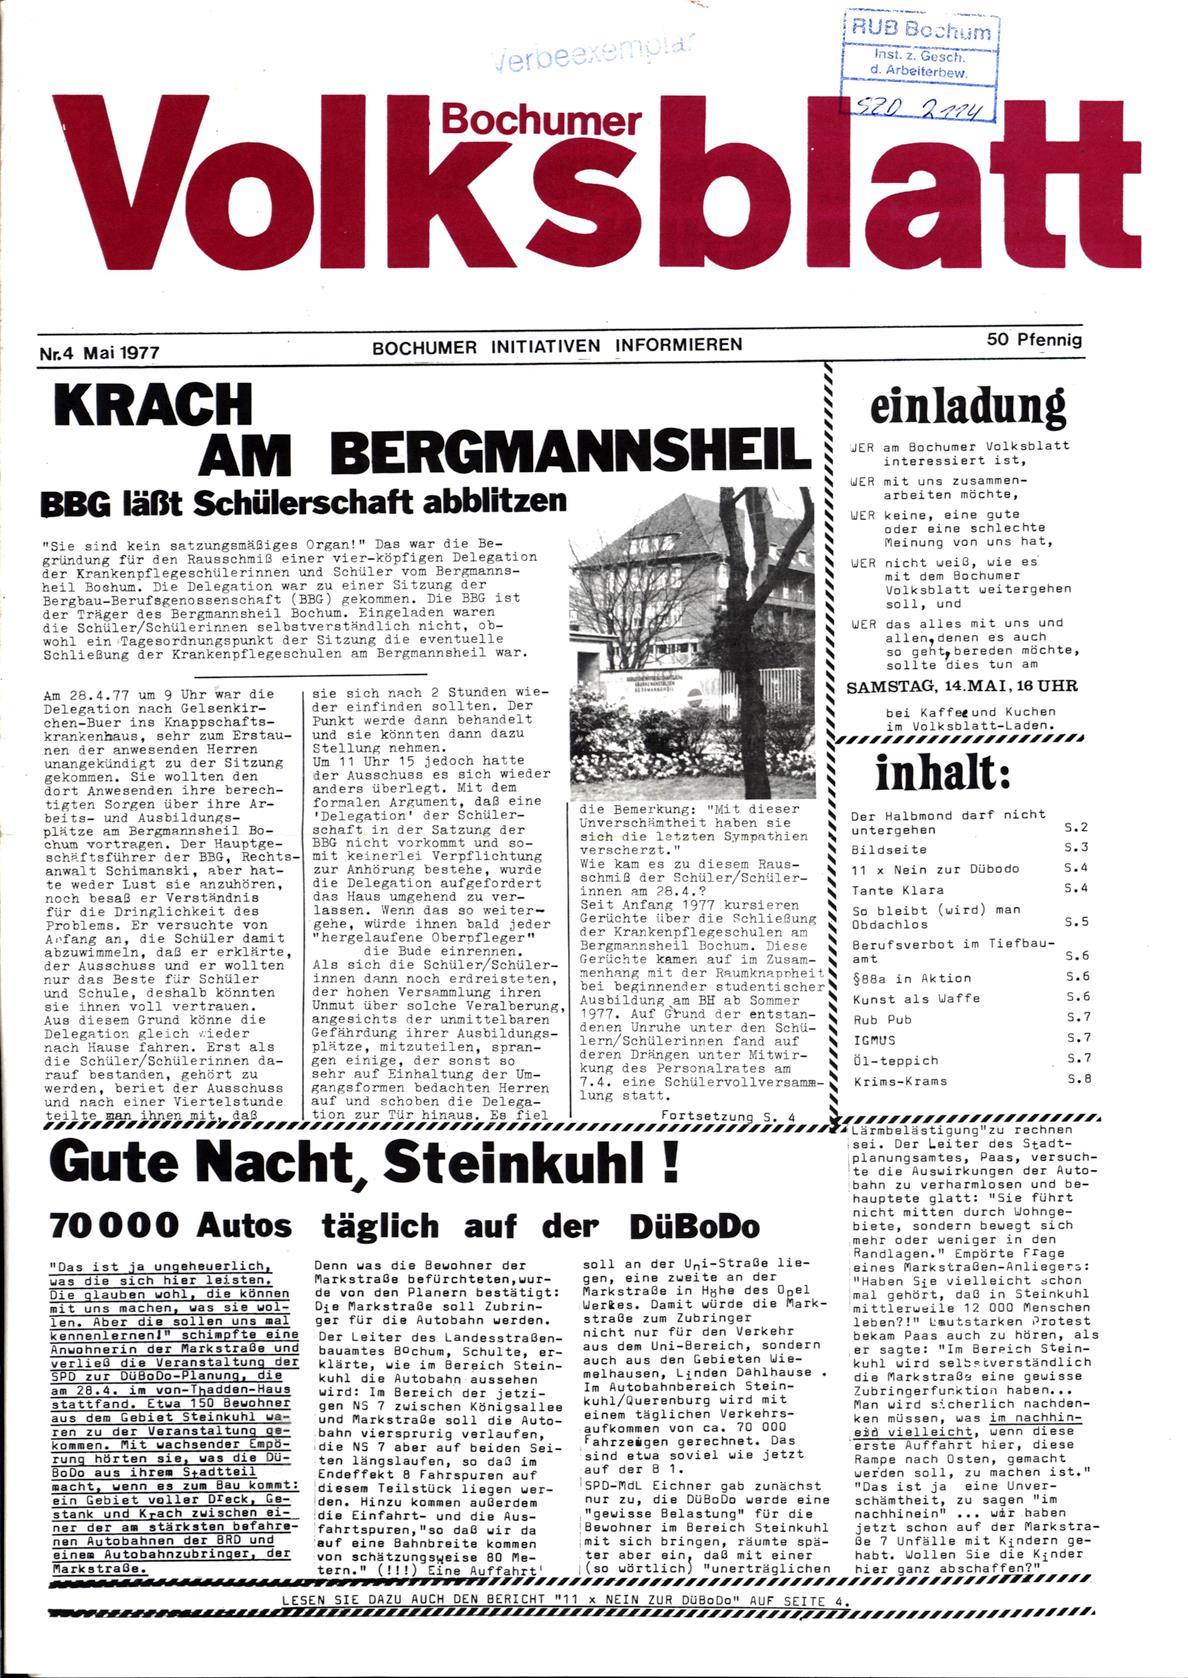 Bochum_Volksblatt_19770500_04_01